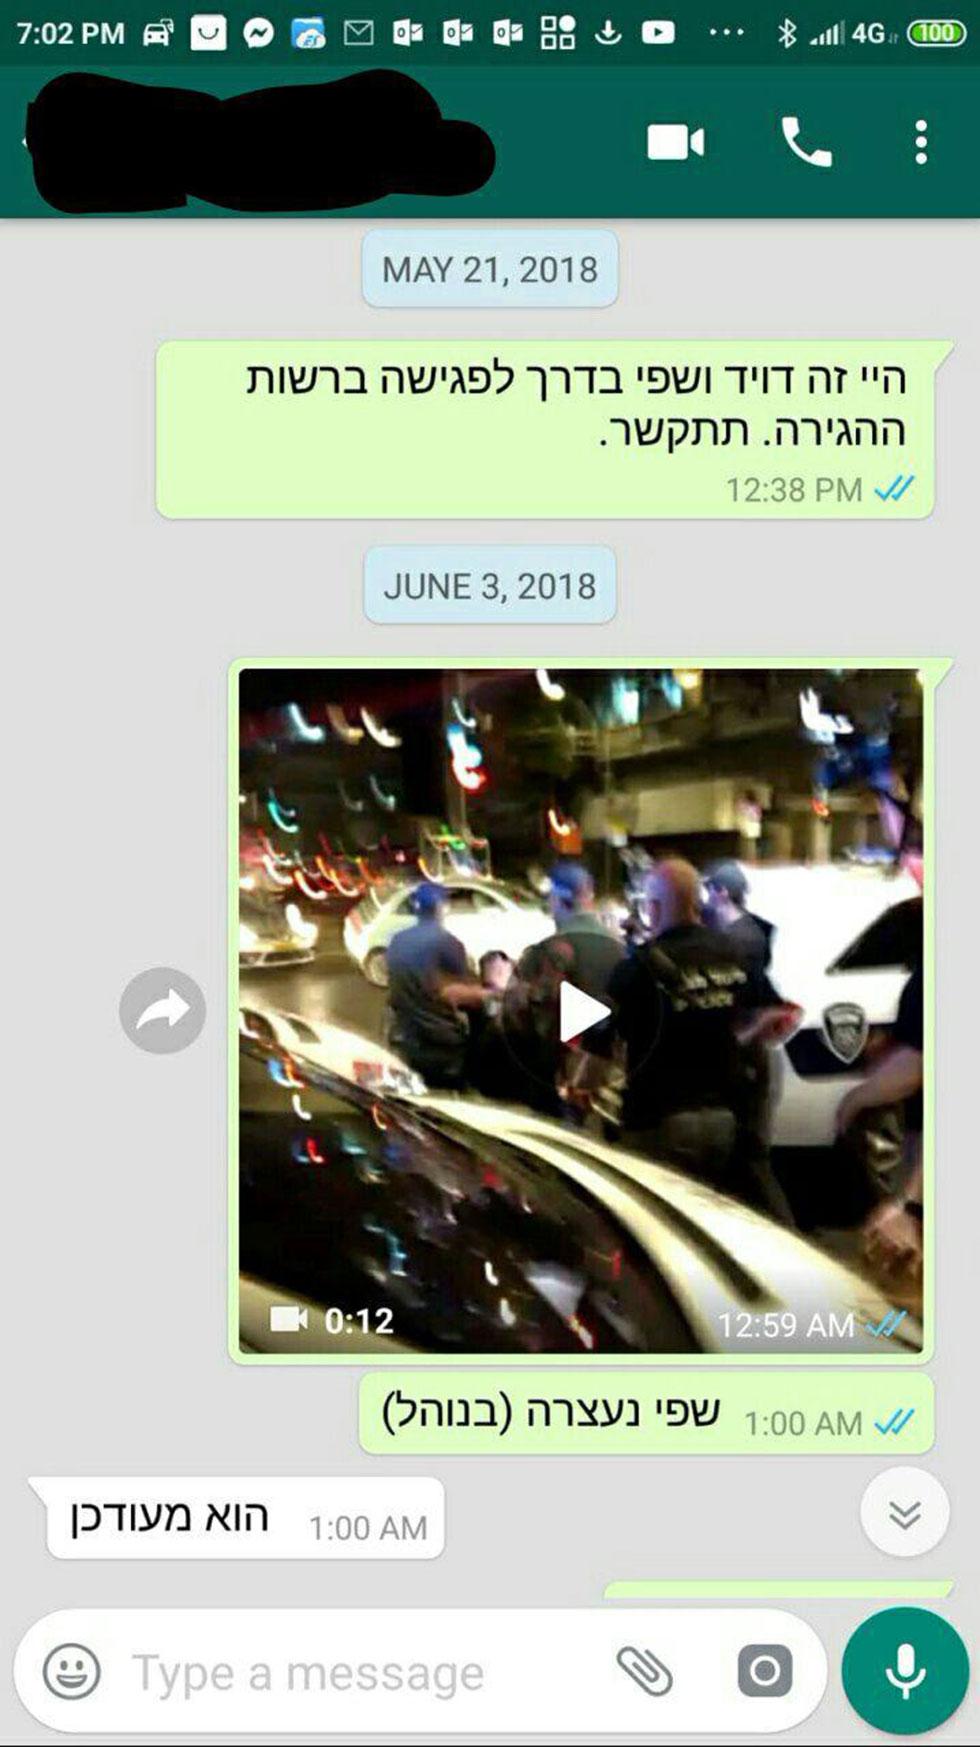 התכתבות וואטסאפ יועץ פוליטי שפי פז יועץ ראש הממשלה הסכם זרים דרום תל אביב  ()